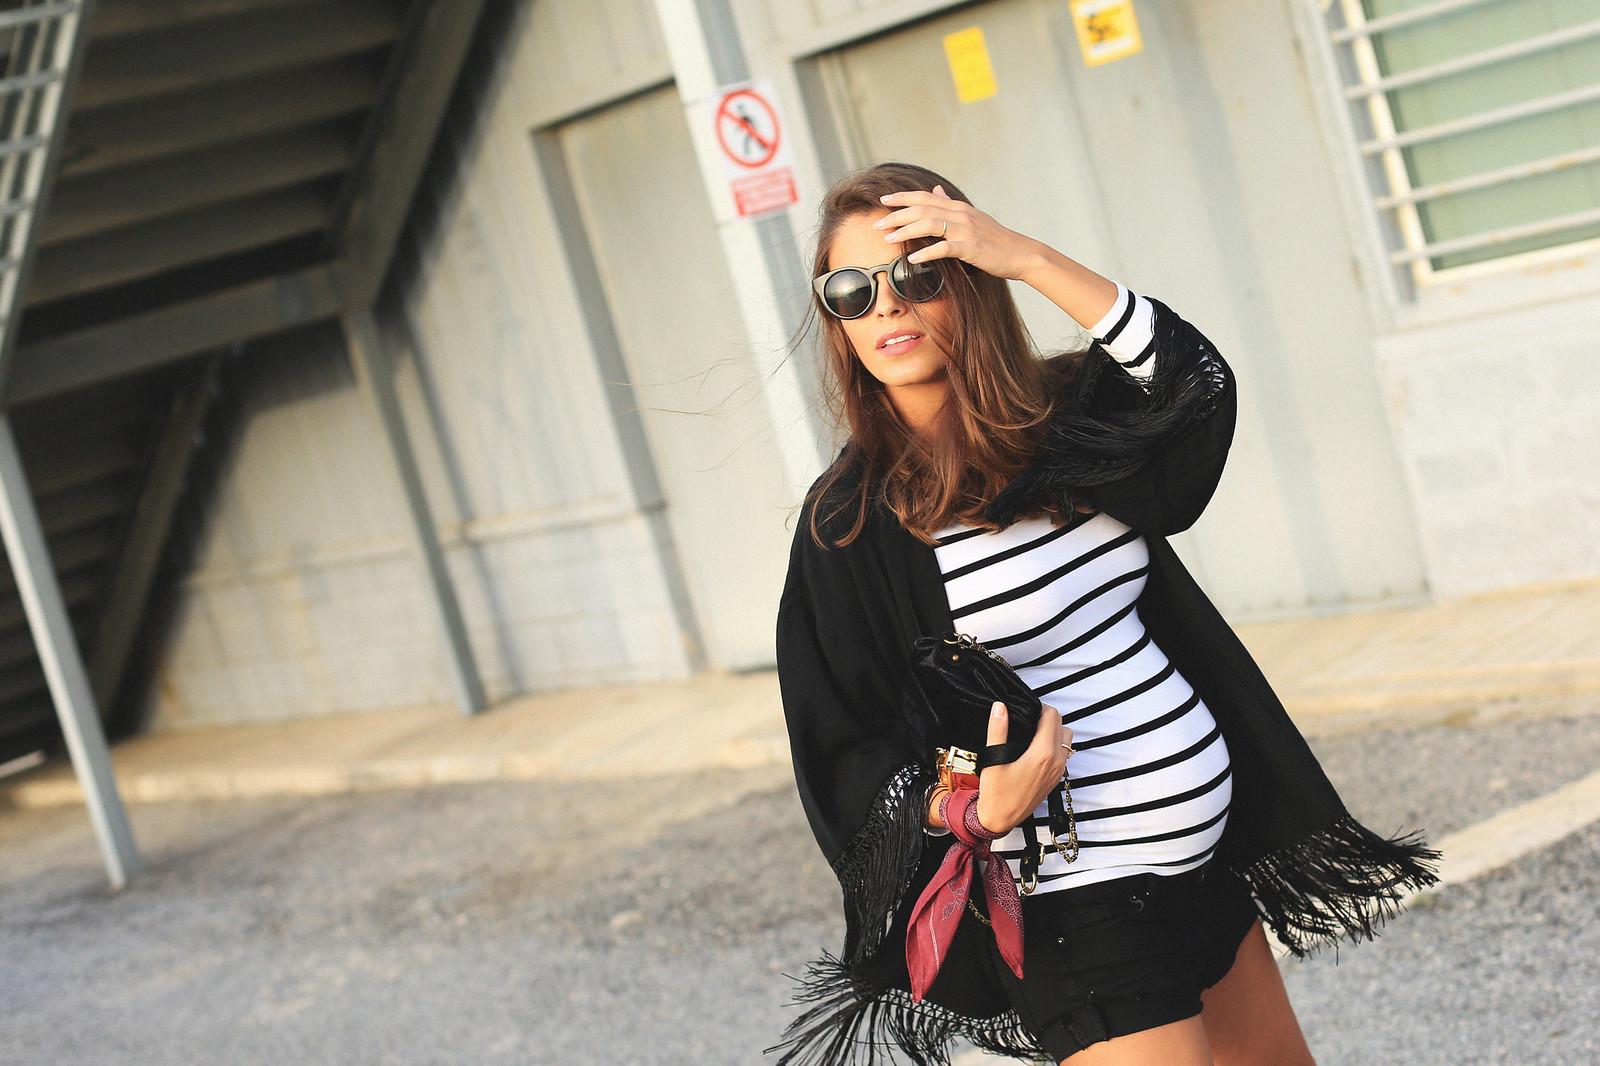 jessie_chanes_seams_for_a_desire_black_kimono_striped_top_off_shoulders_9